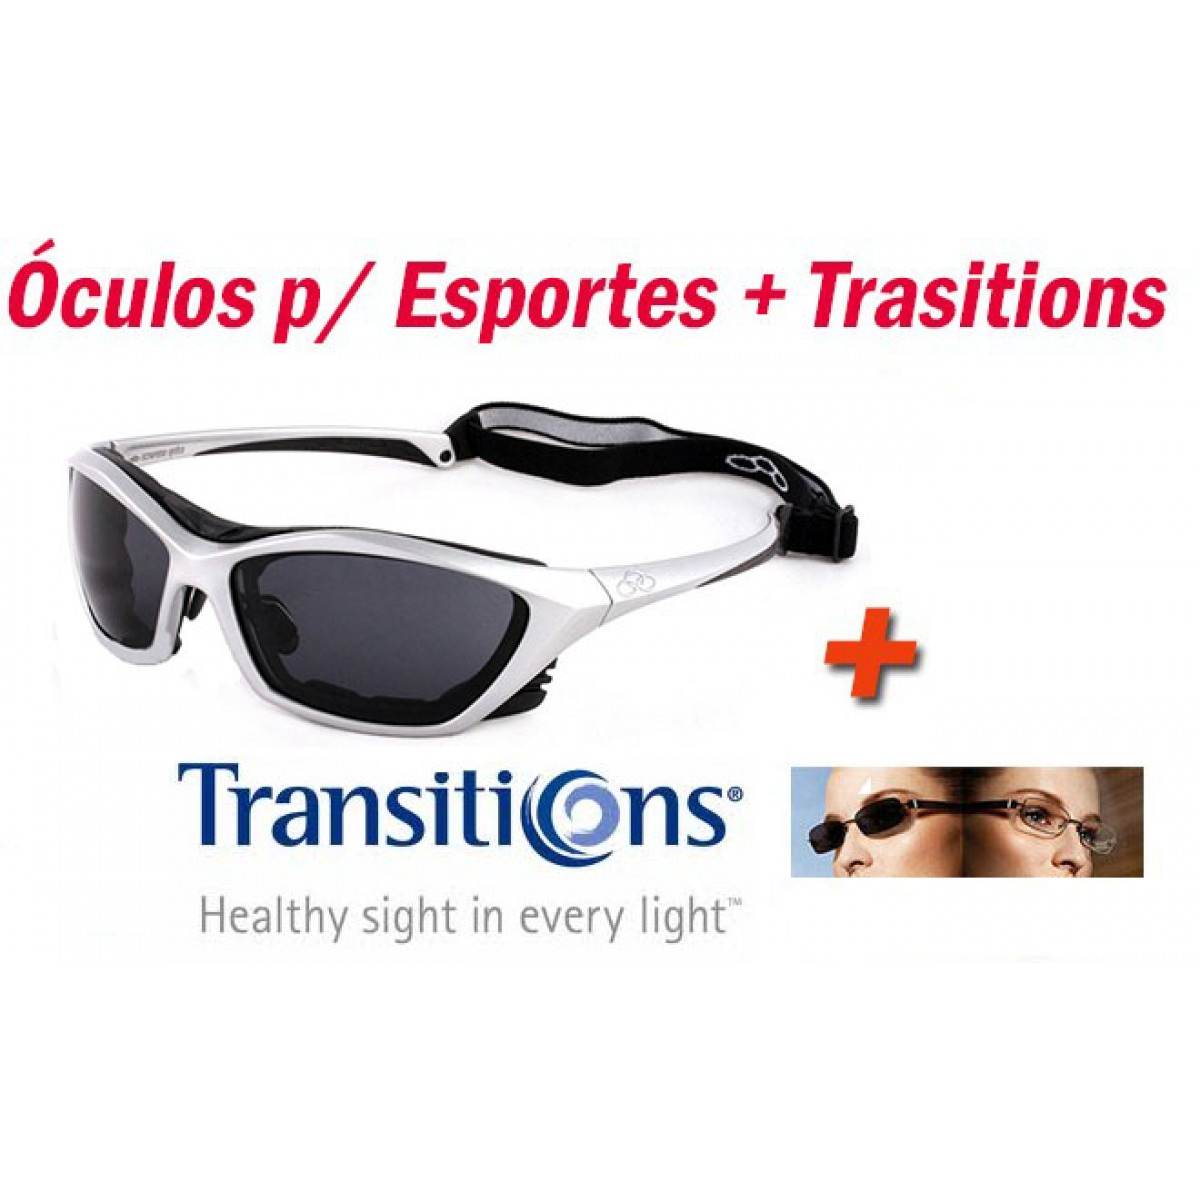 b485d09be óculos olimpikus chamonix - Esporte Visão